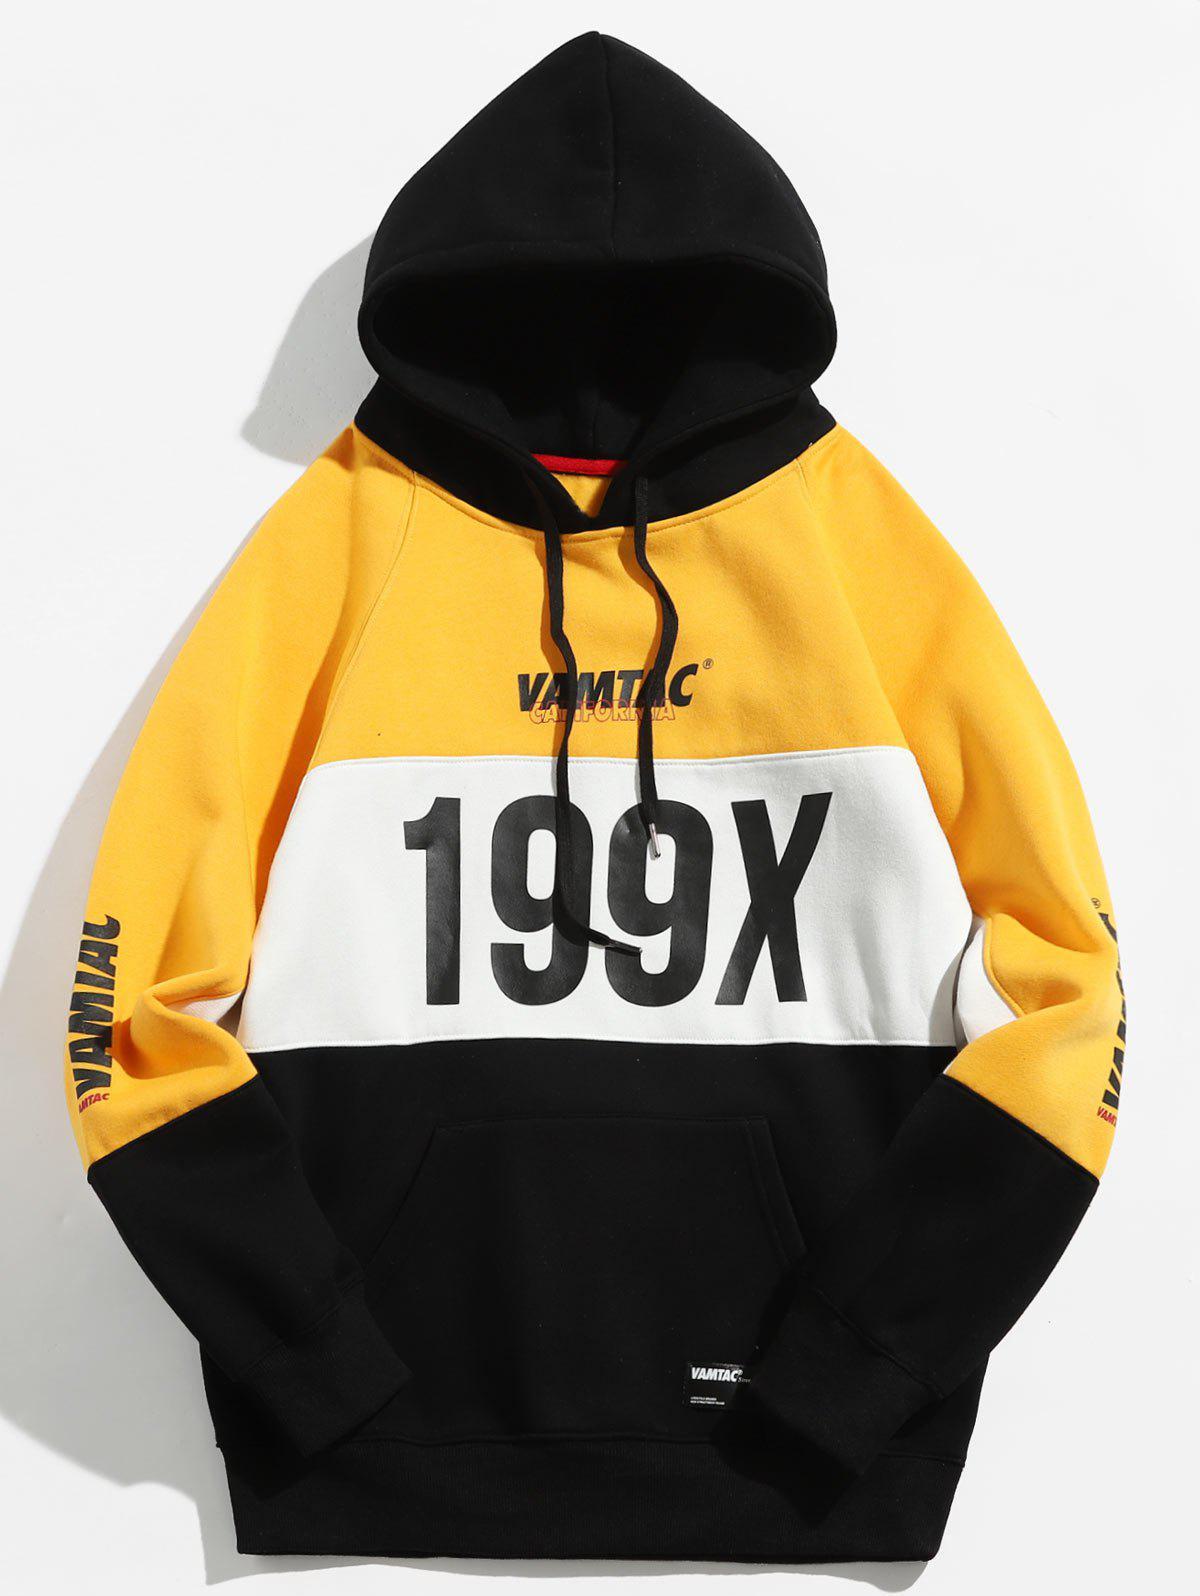 199X Graphic Fleece Lined Colorblock Hoodie